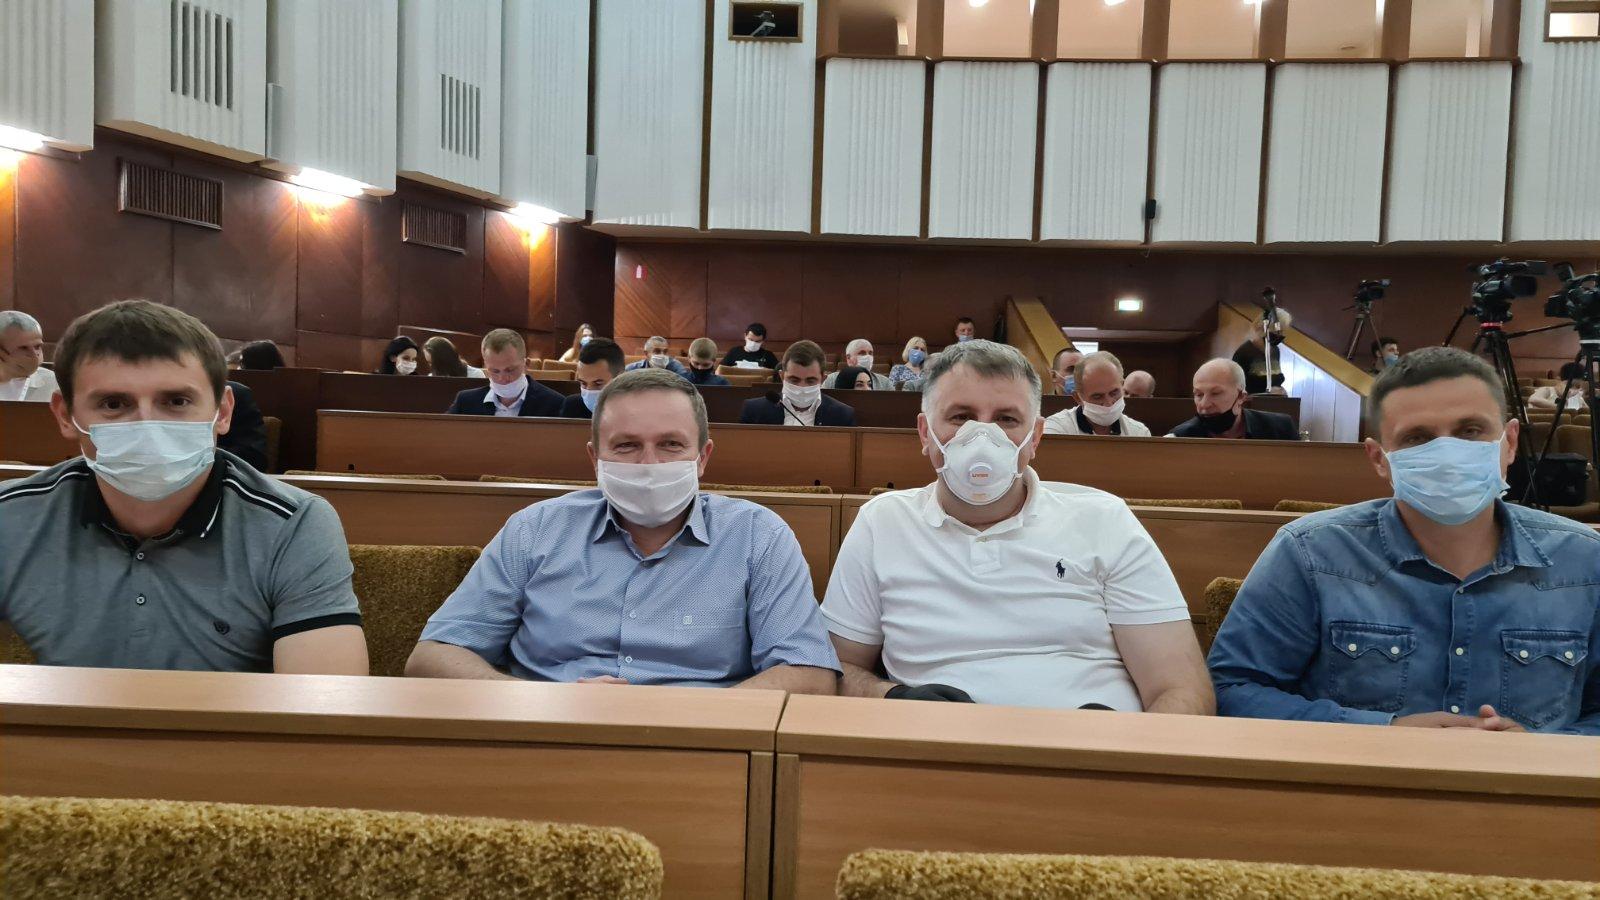 Франківська міськрада закликала Зеленського припинити політичні переслідування опозиційних політиків та активістів 1